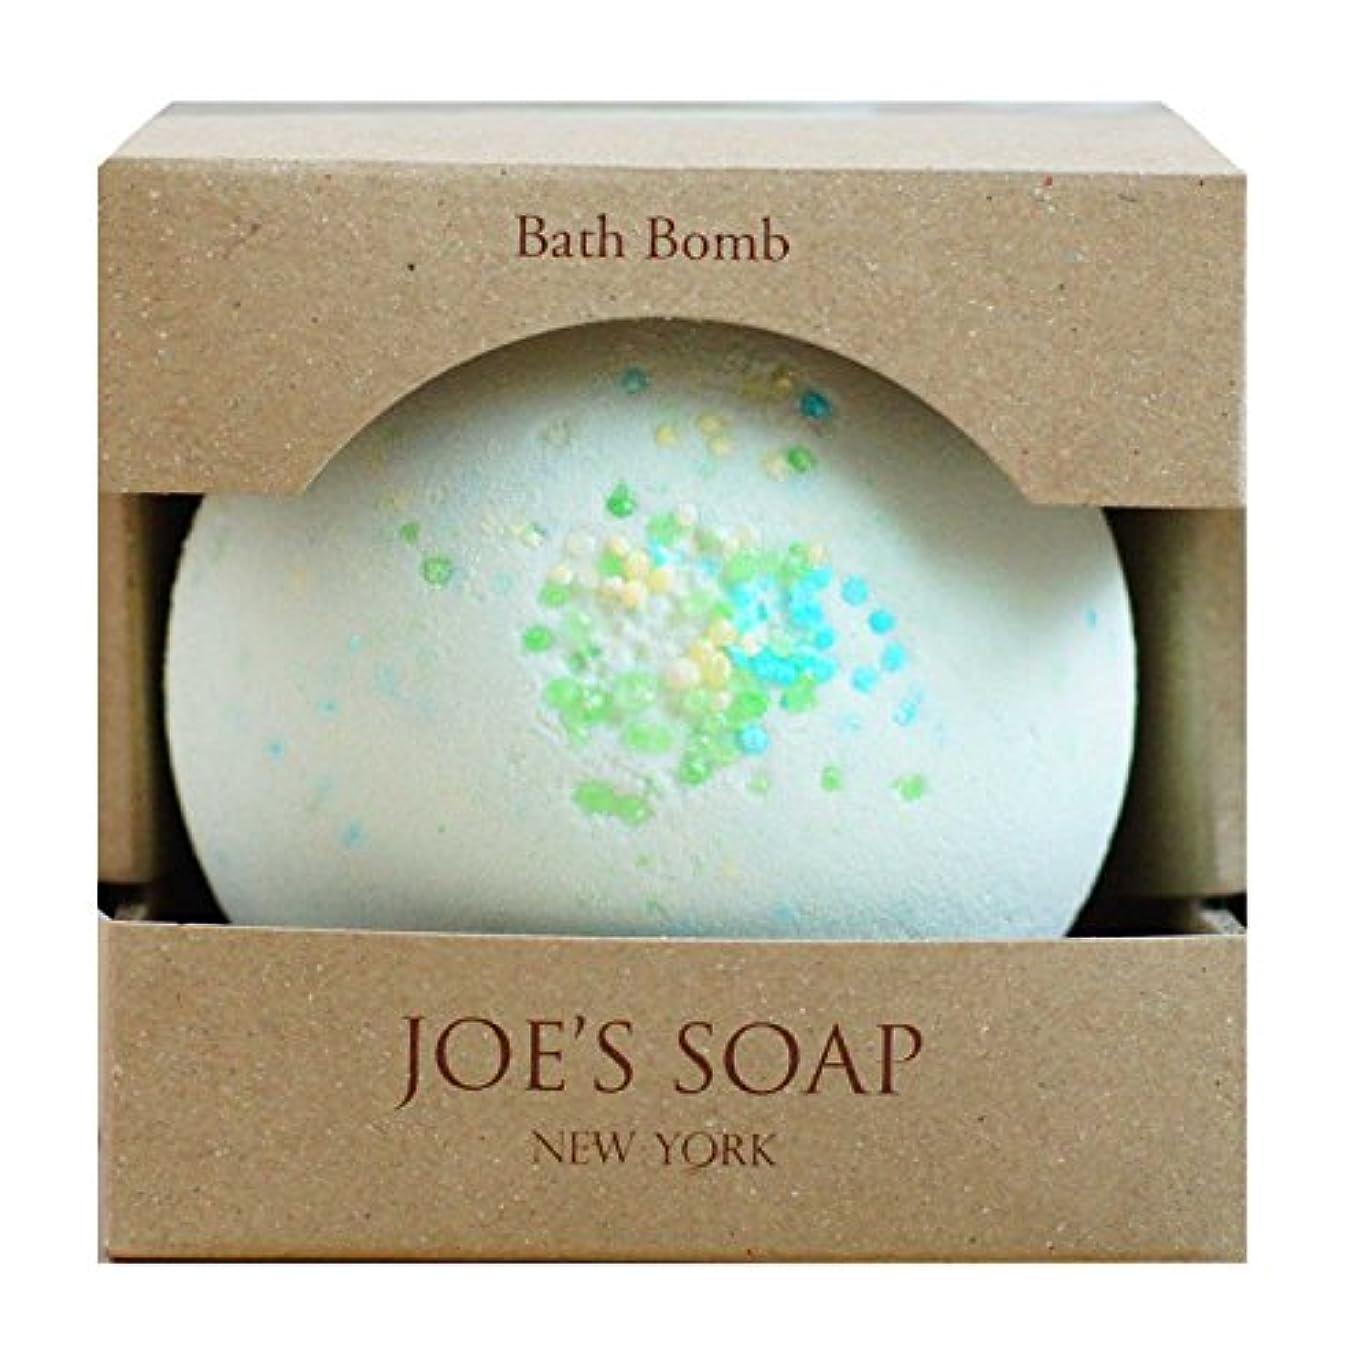 ミリメートルヨーロッパ進捗JOE'S SOAP ( ジョーズソープ ) バスボム(JASMINE) バスボール 入浴剤 保湿 ボディケア スキンケア オリーブオイル はちみつ フト プレゼント